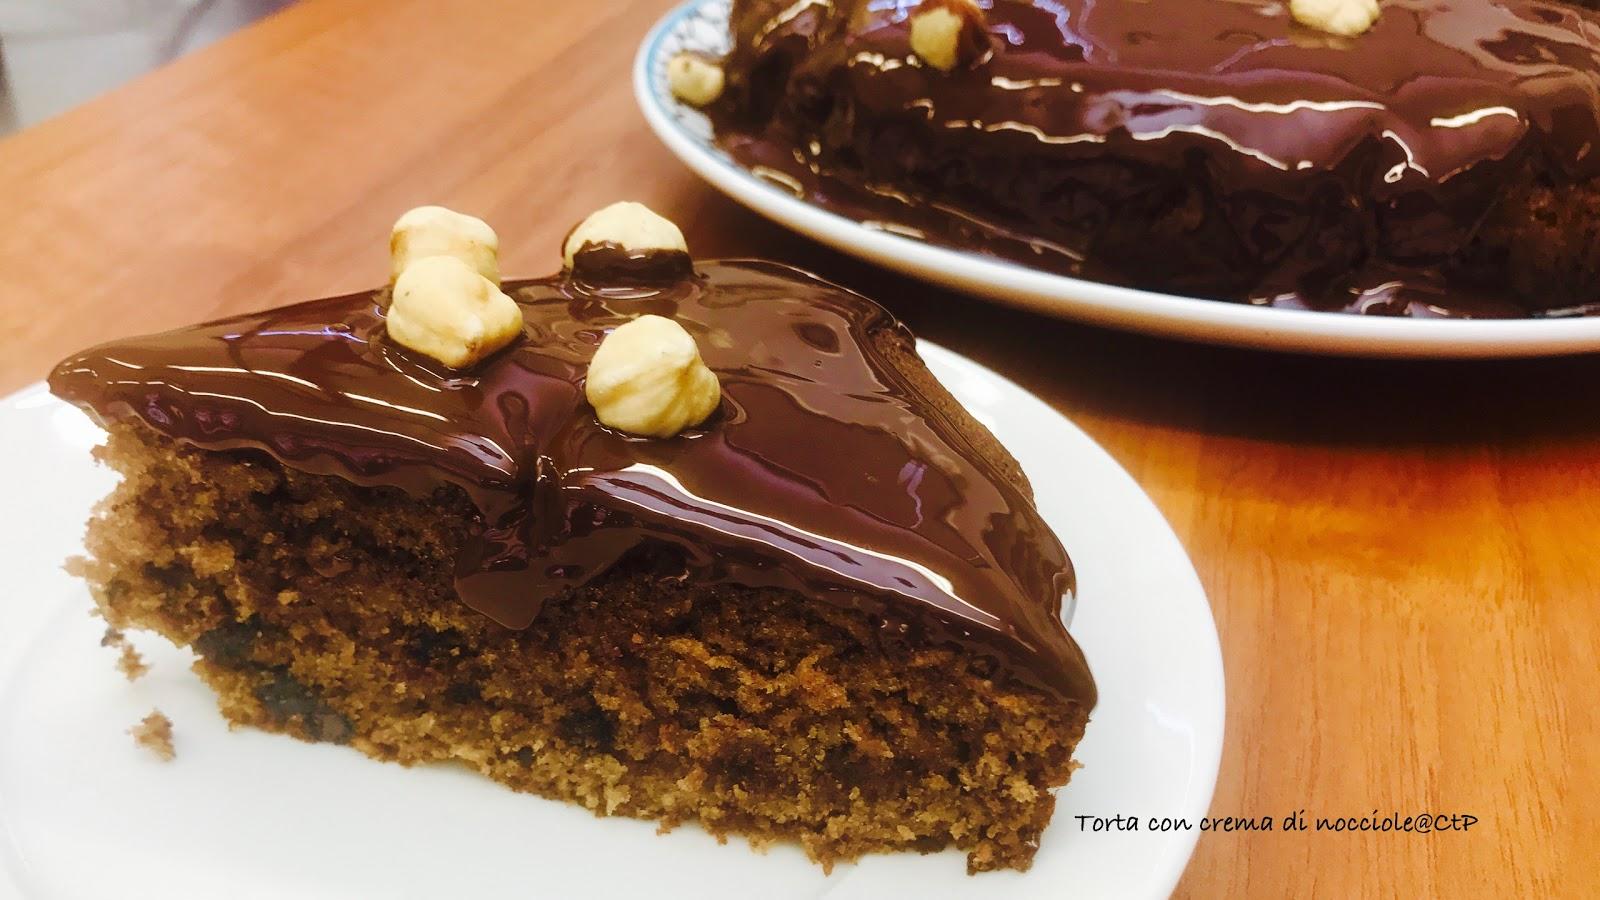 torta con crema di nocciole alessandra ruggeri